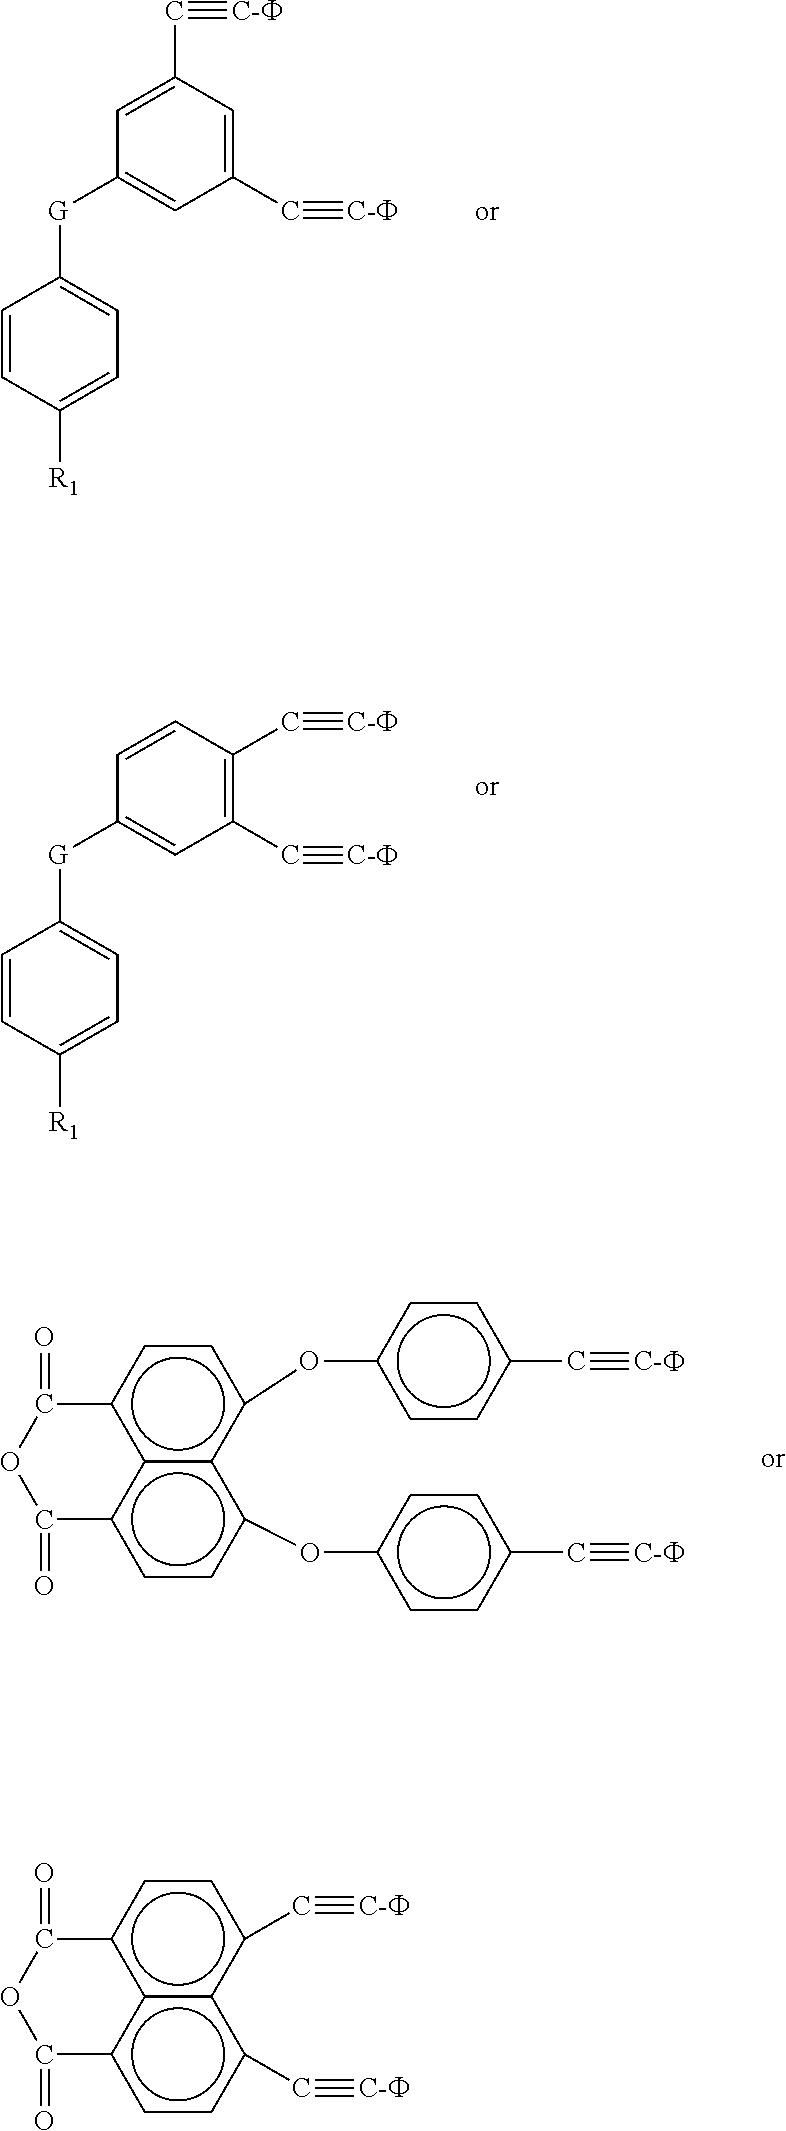 Figure US08106142-20120131-C00092